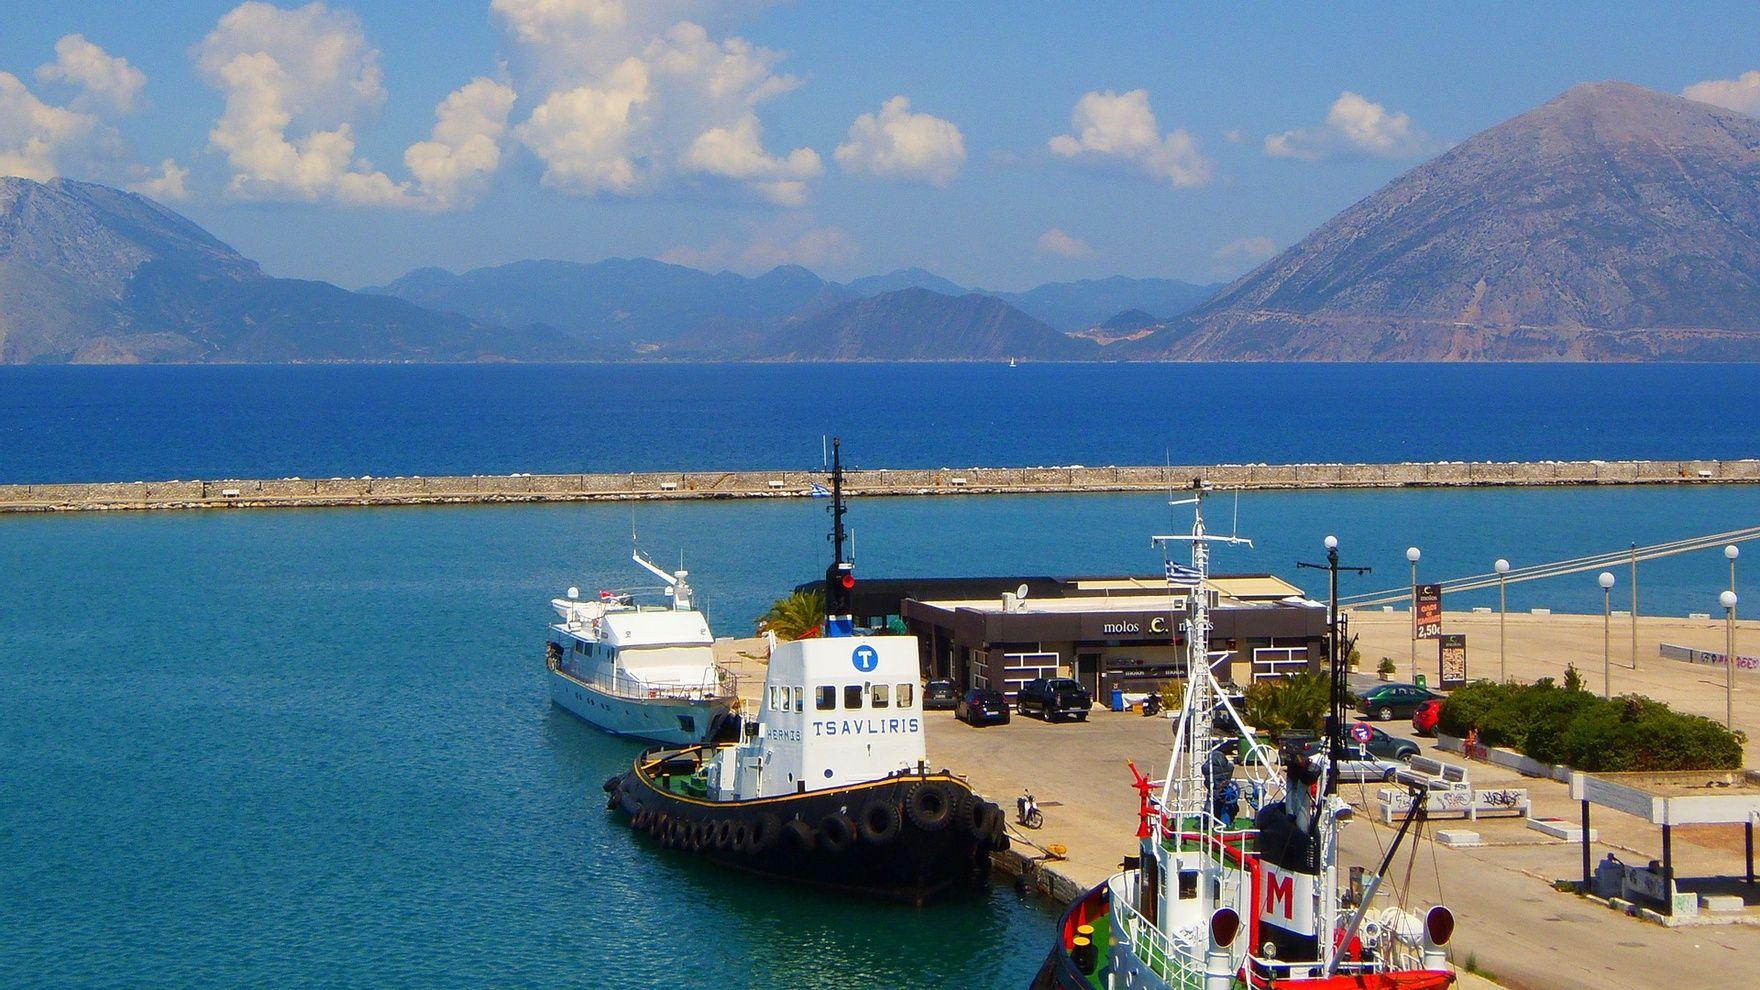 Учебный переход Мальта - Турция